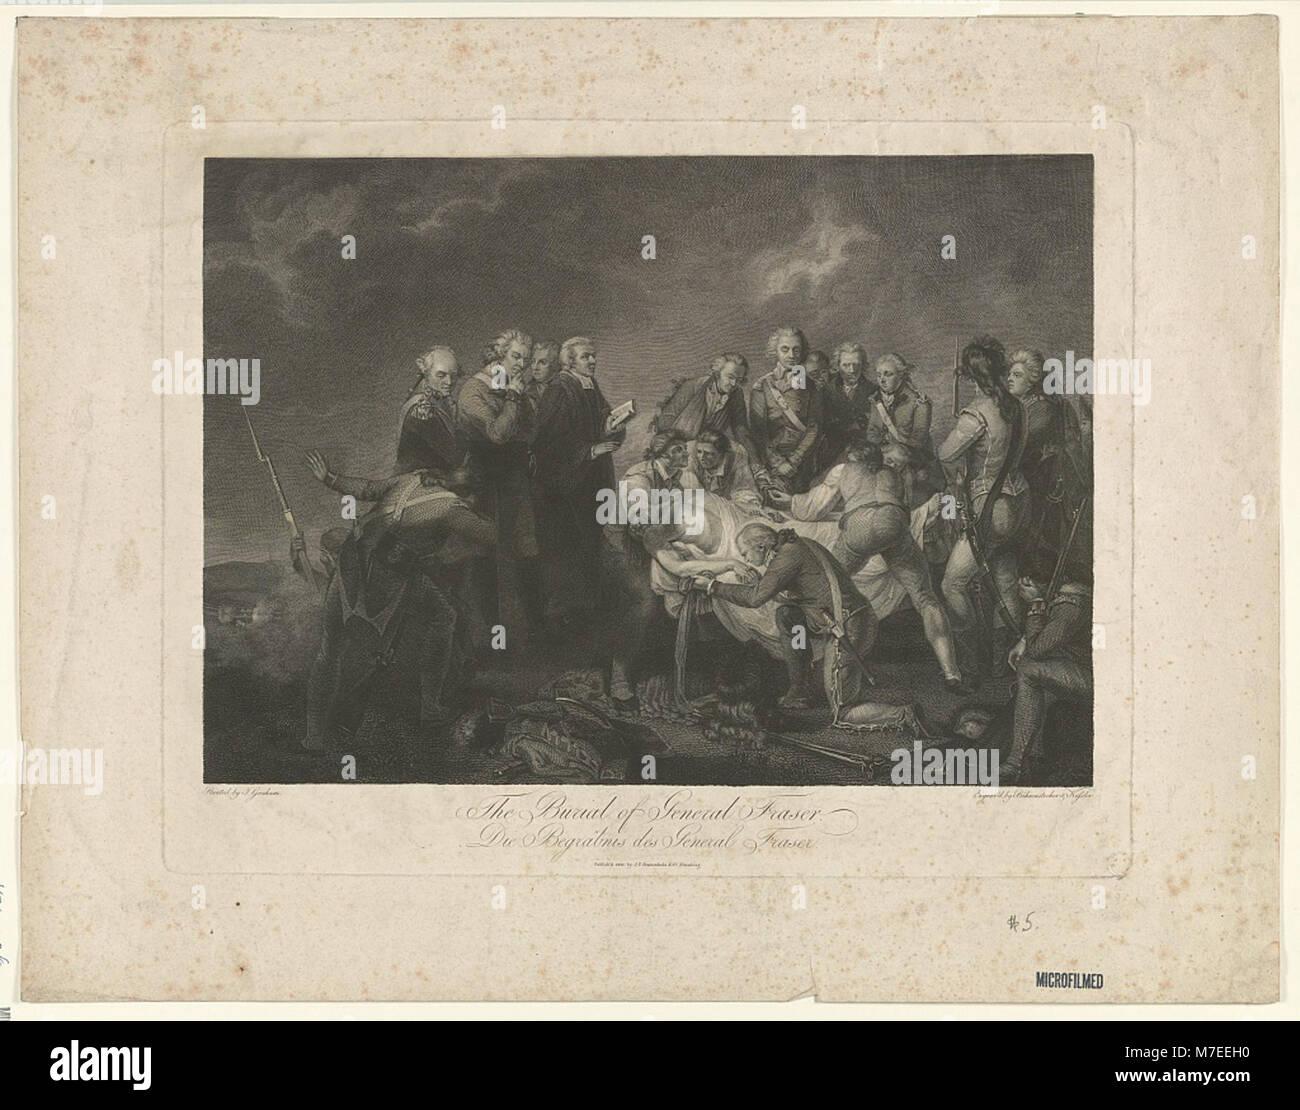 General Fraser Stock Photos & General Fraser Stock Images - Alamy